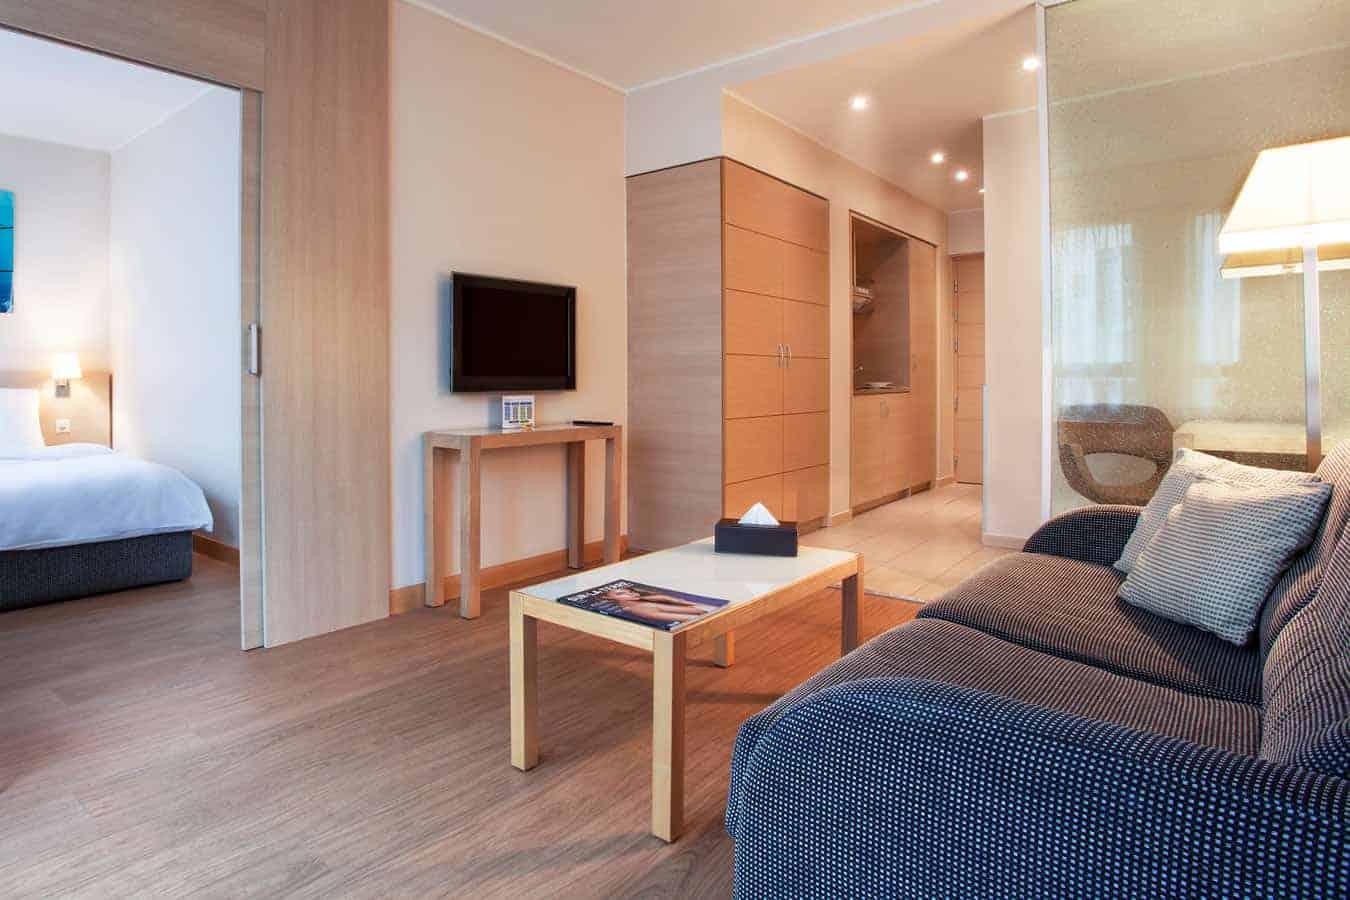 Réserver une chambre familiale au Starling résidence a geneve